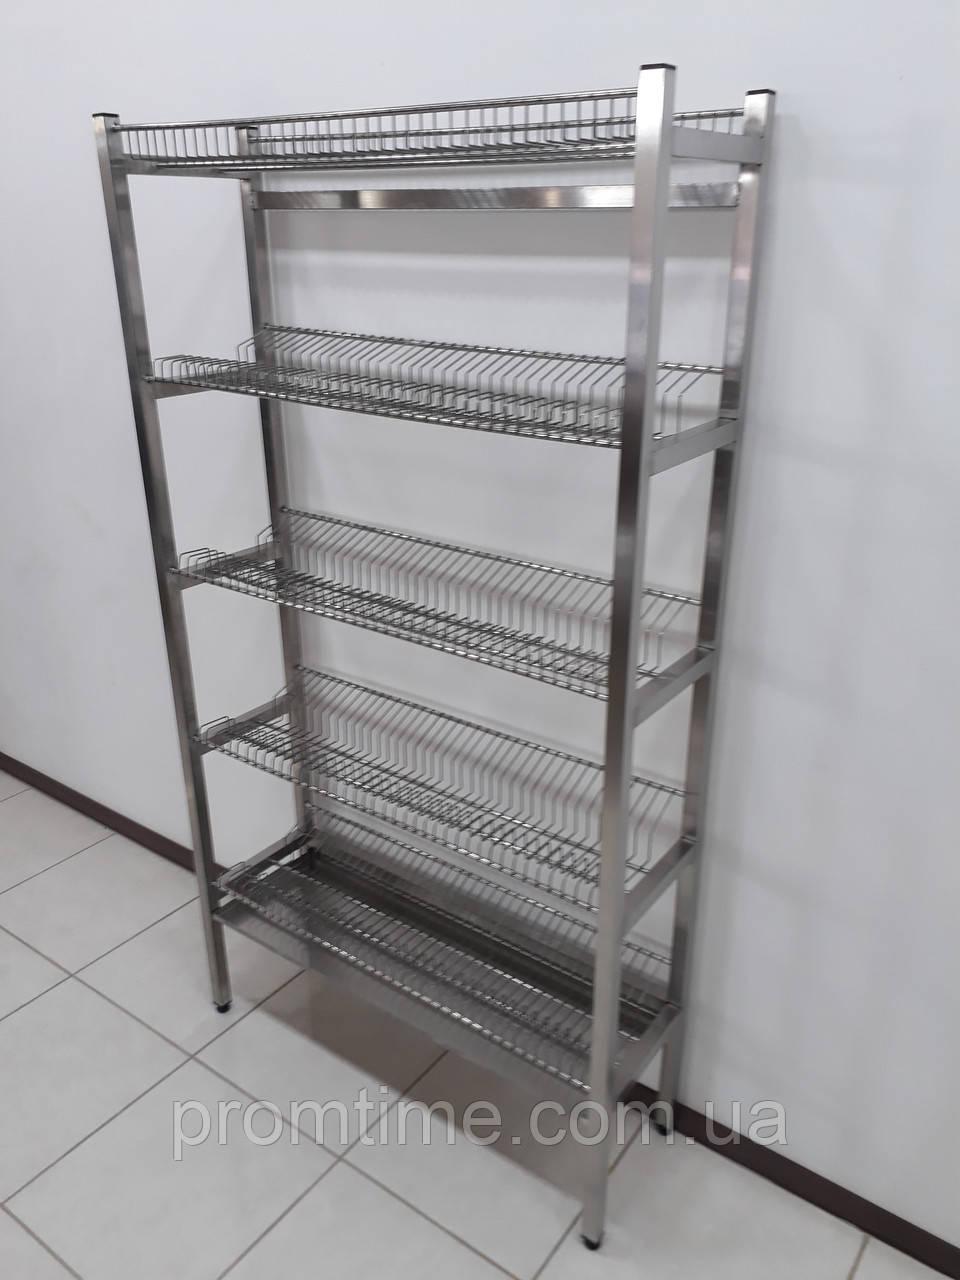 Стеллаж для сушки посуды 1000х320х1800